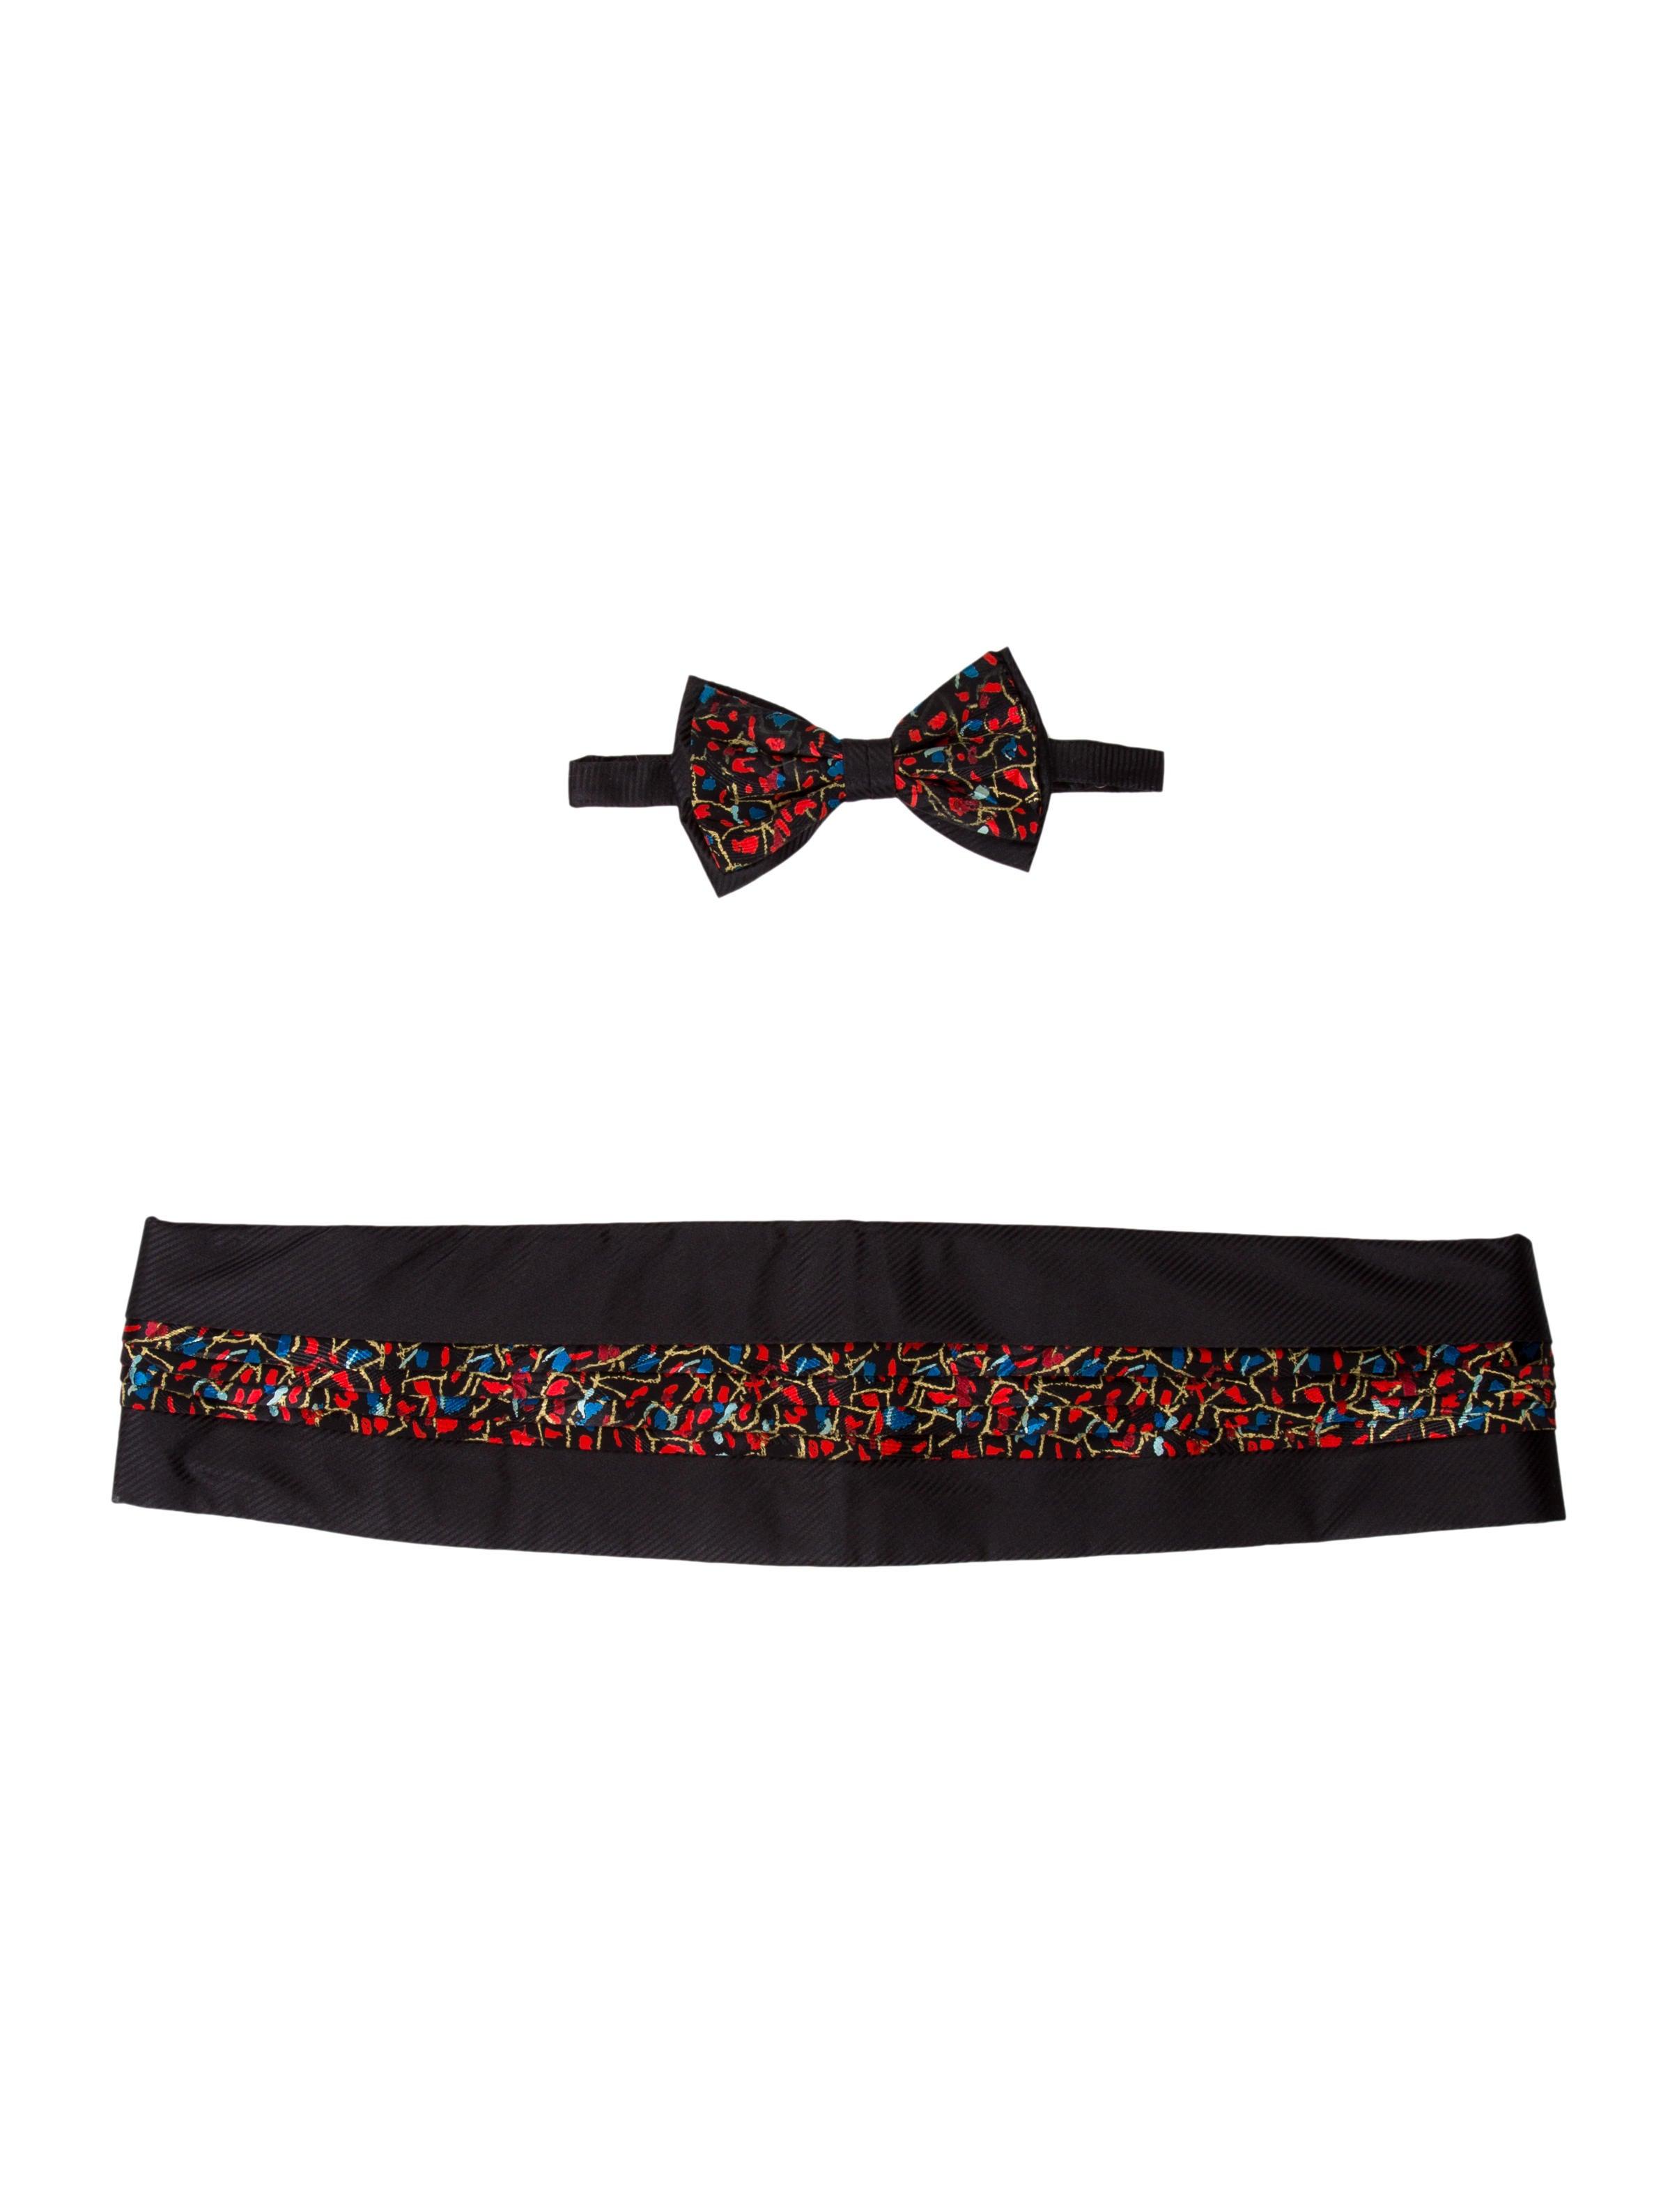 c026eda9c254 Brioni Cummerbund & Bow Tie Set - Suiting Accessories - BRO25911 ...